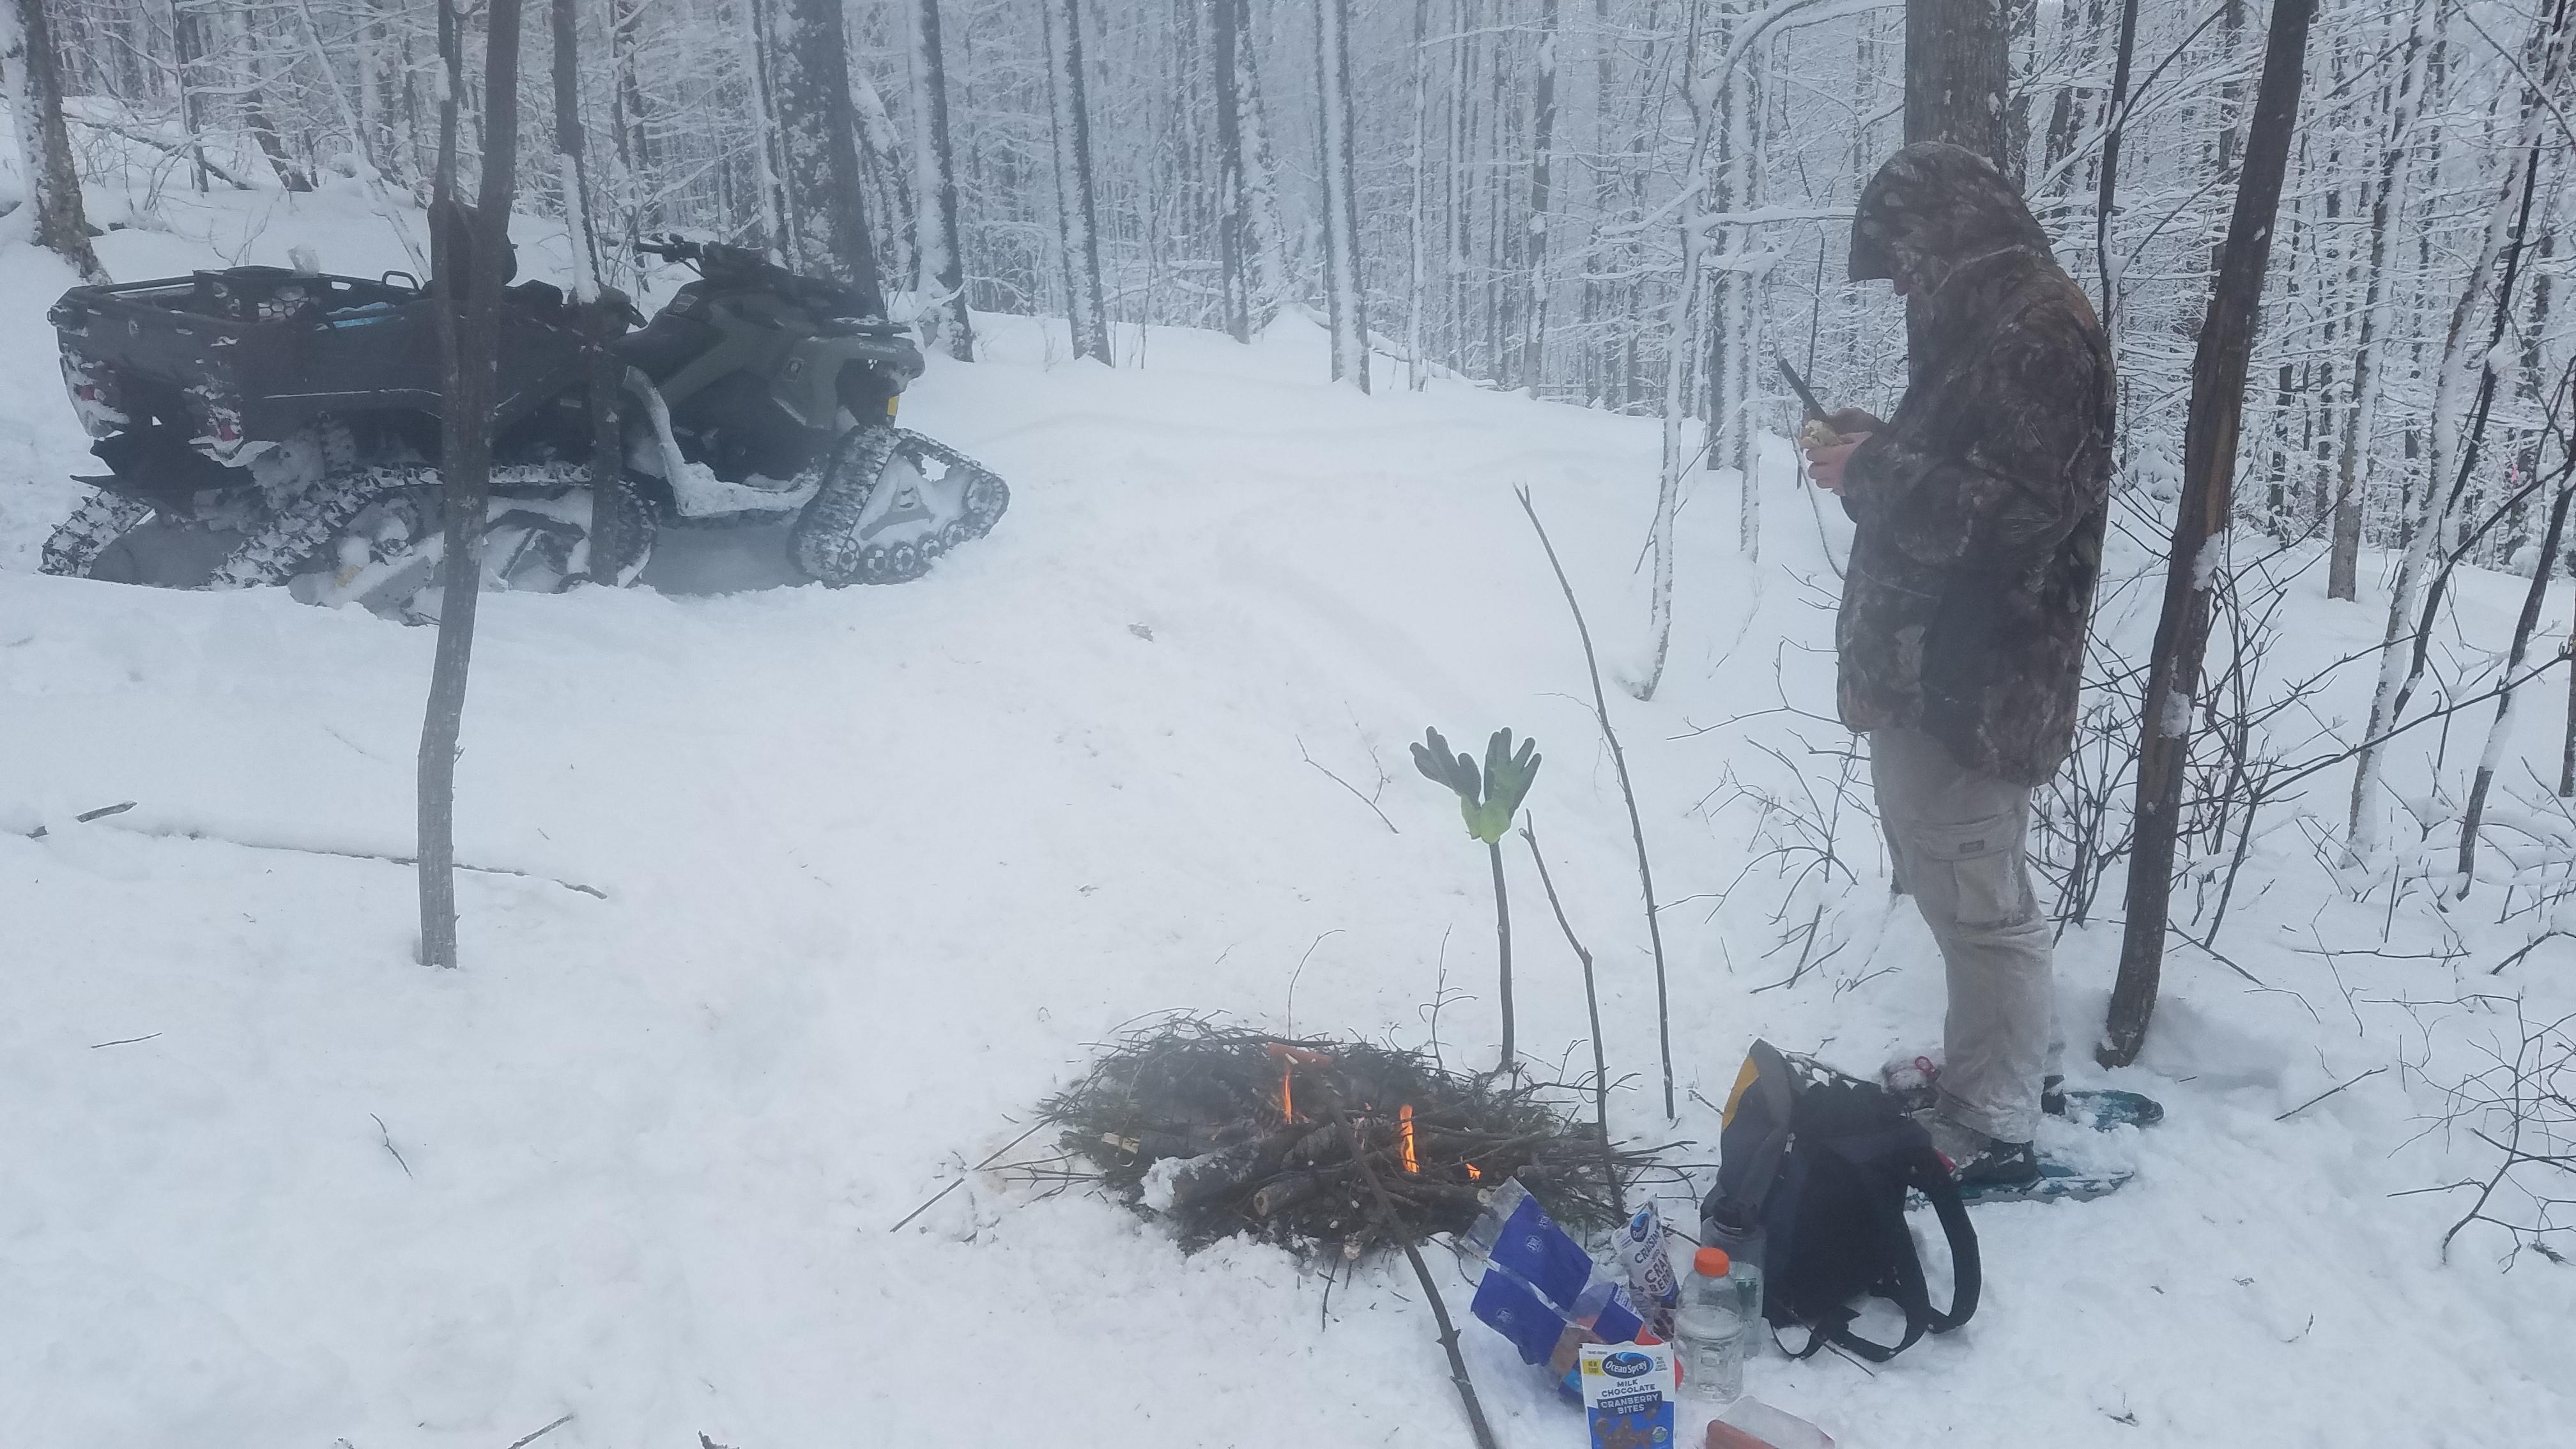 https://0201.nccdn.net/4_2/000/000/00d/f43/winter-fire.jpg